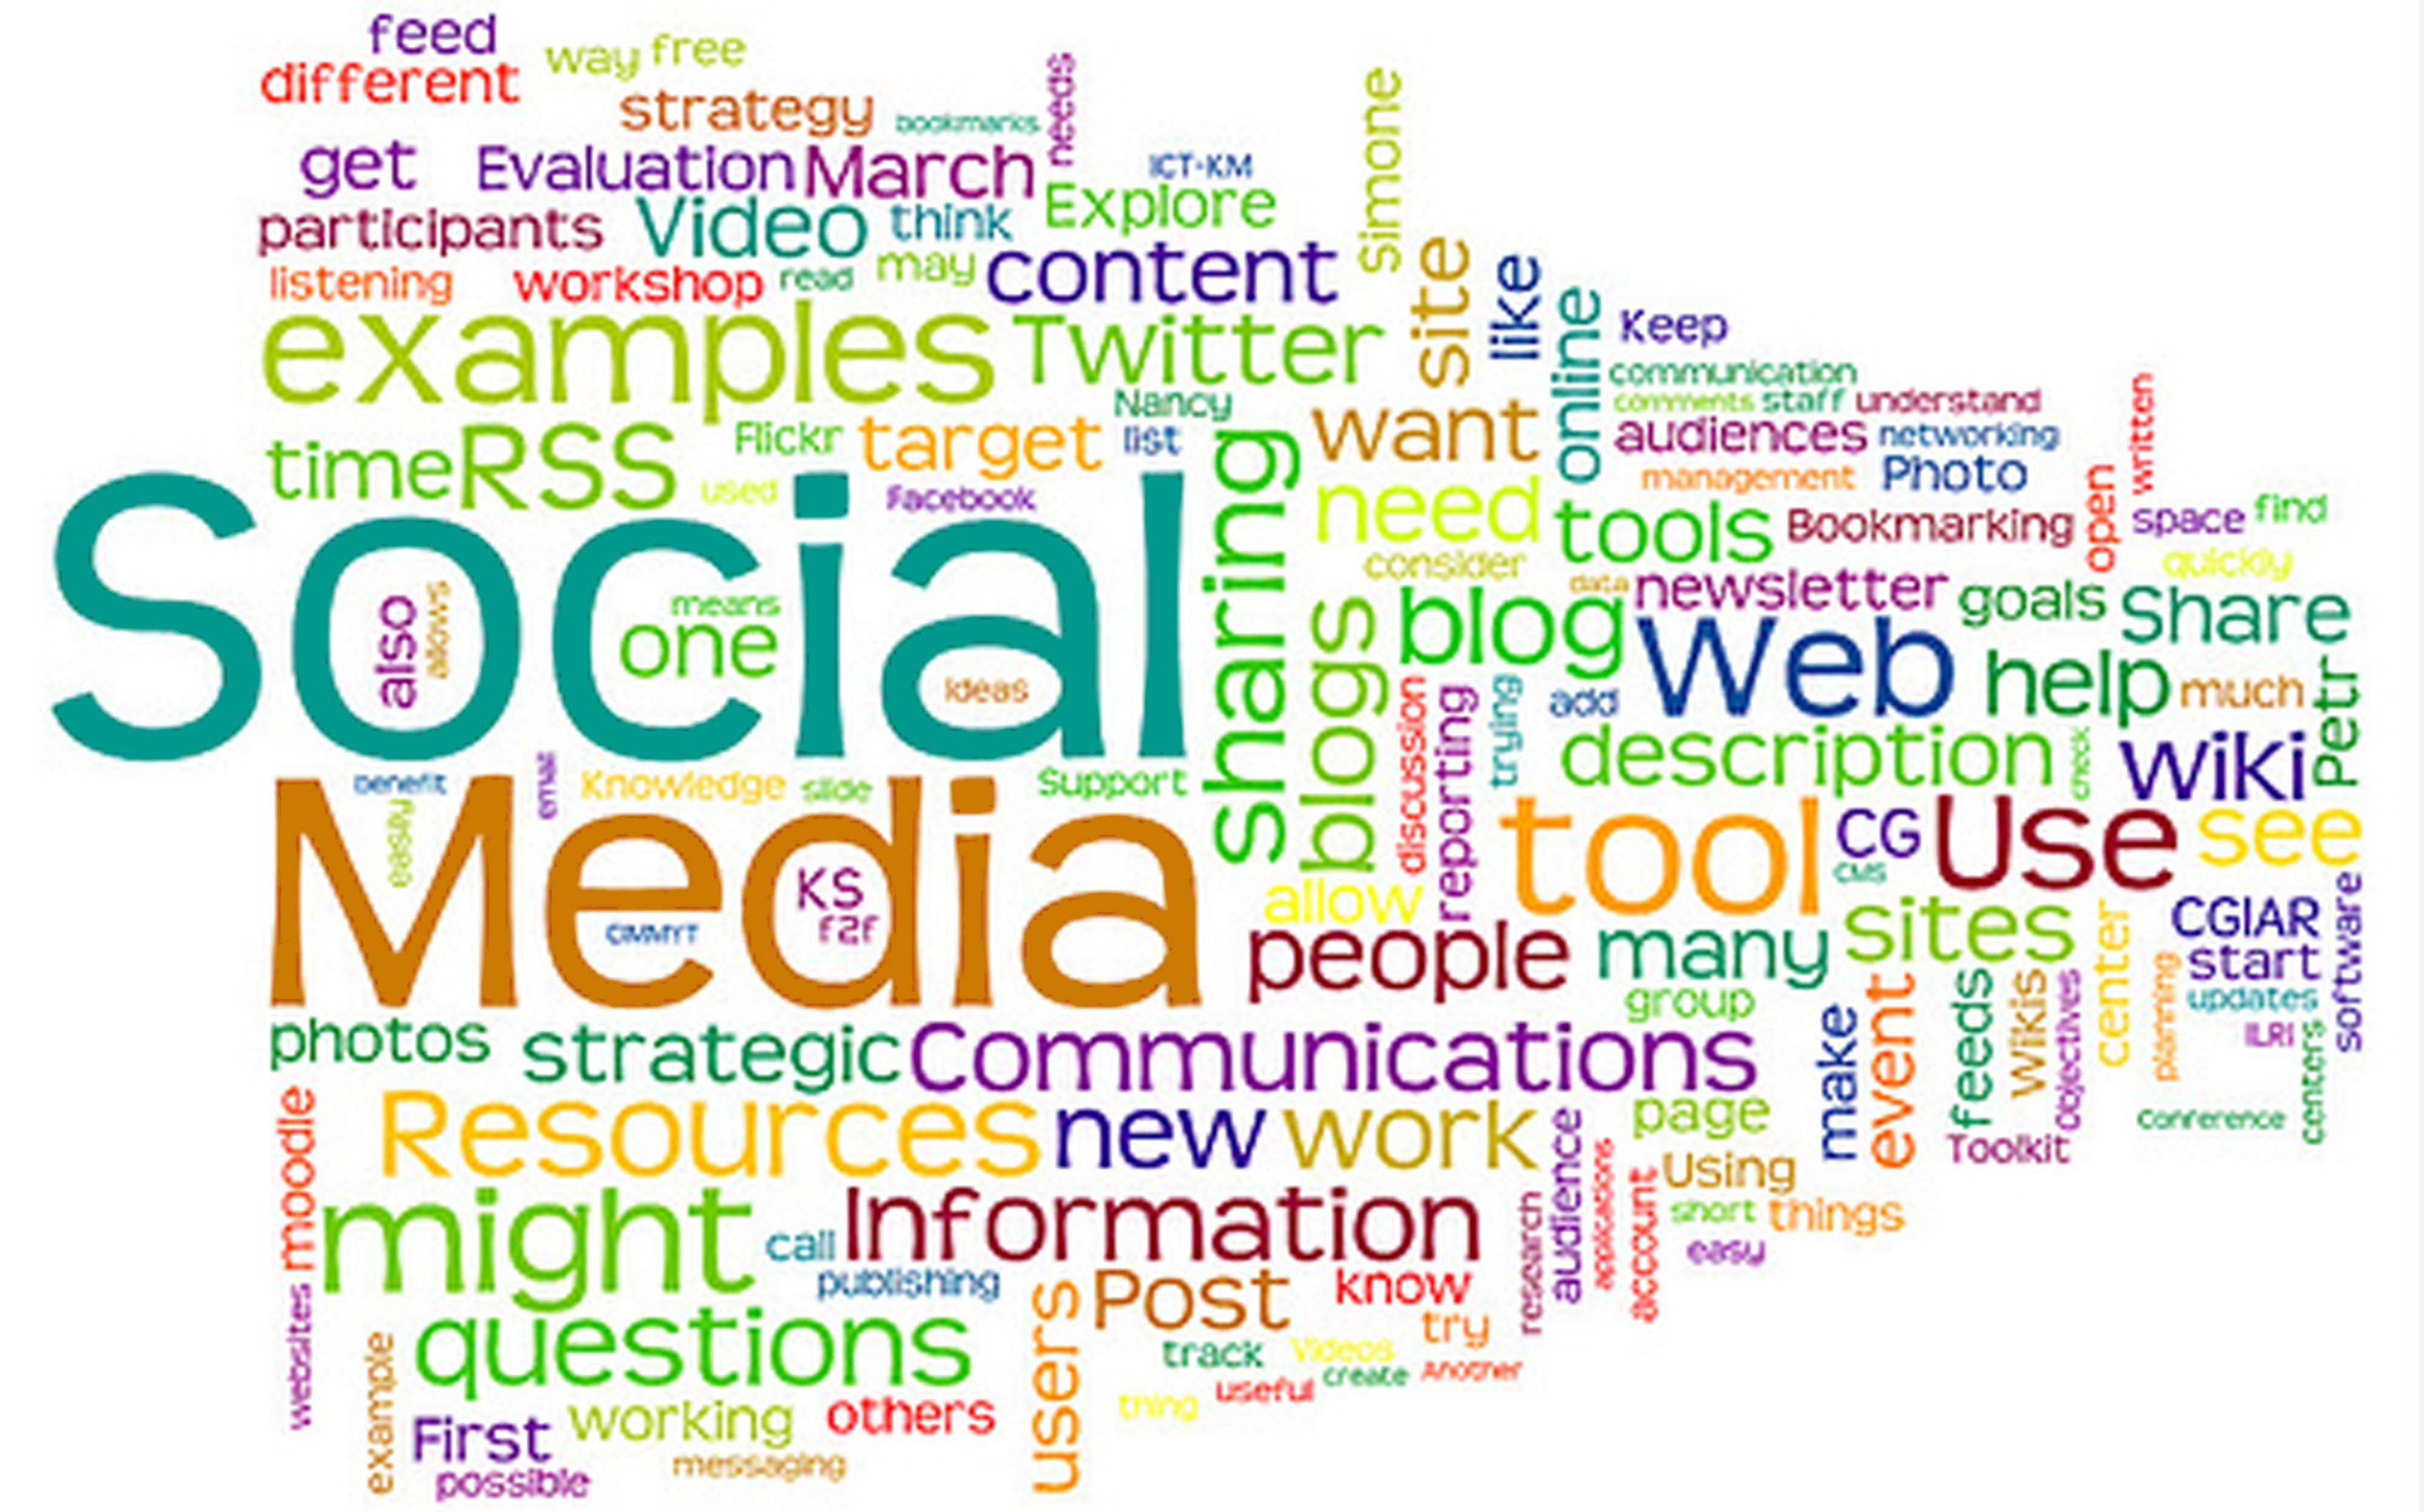 Ufficio stampa per PA: come ottimizzare i contenuti testuali sui social